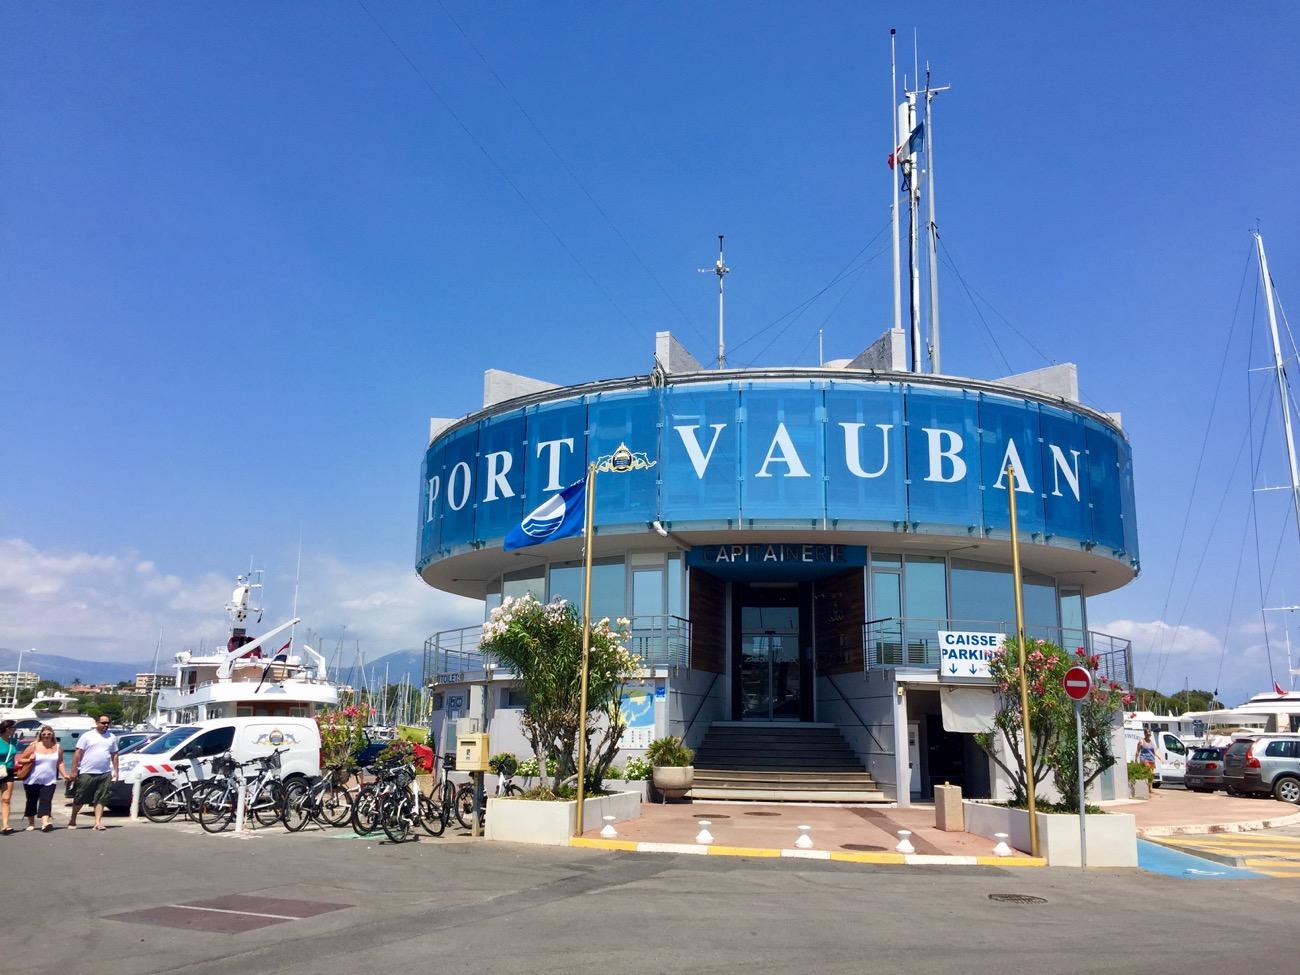 Port antibes vauban 6 informations maritimes sur le port de plaisance - Port de cannes capitainerie ...